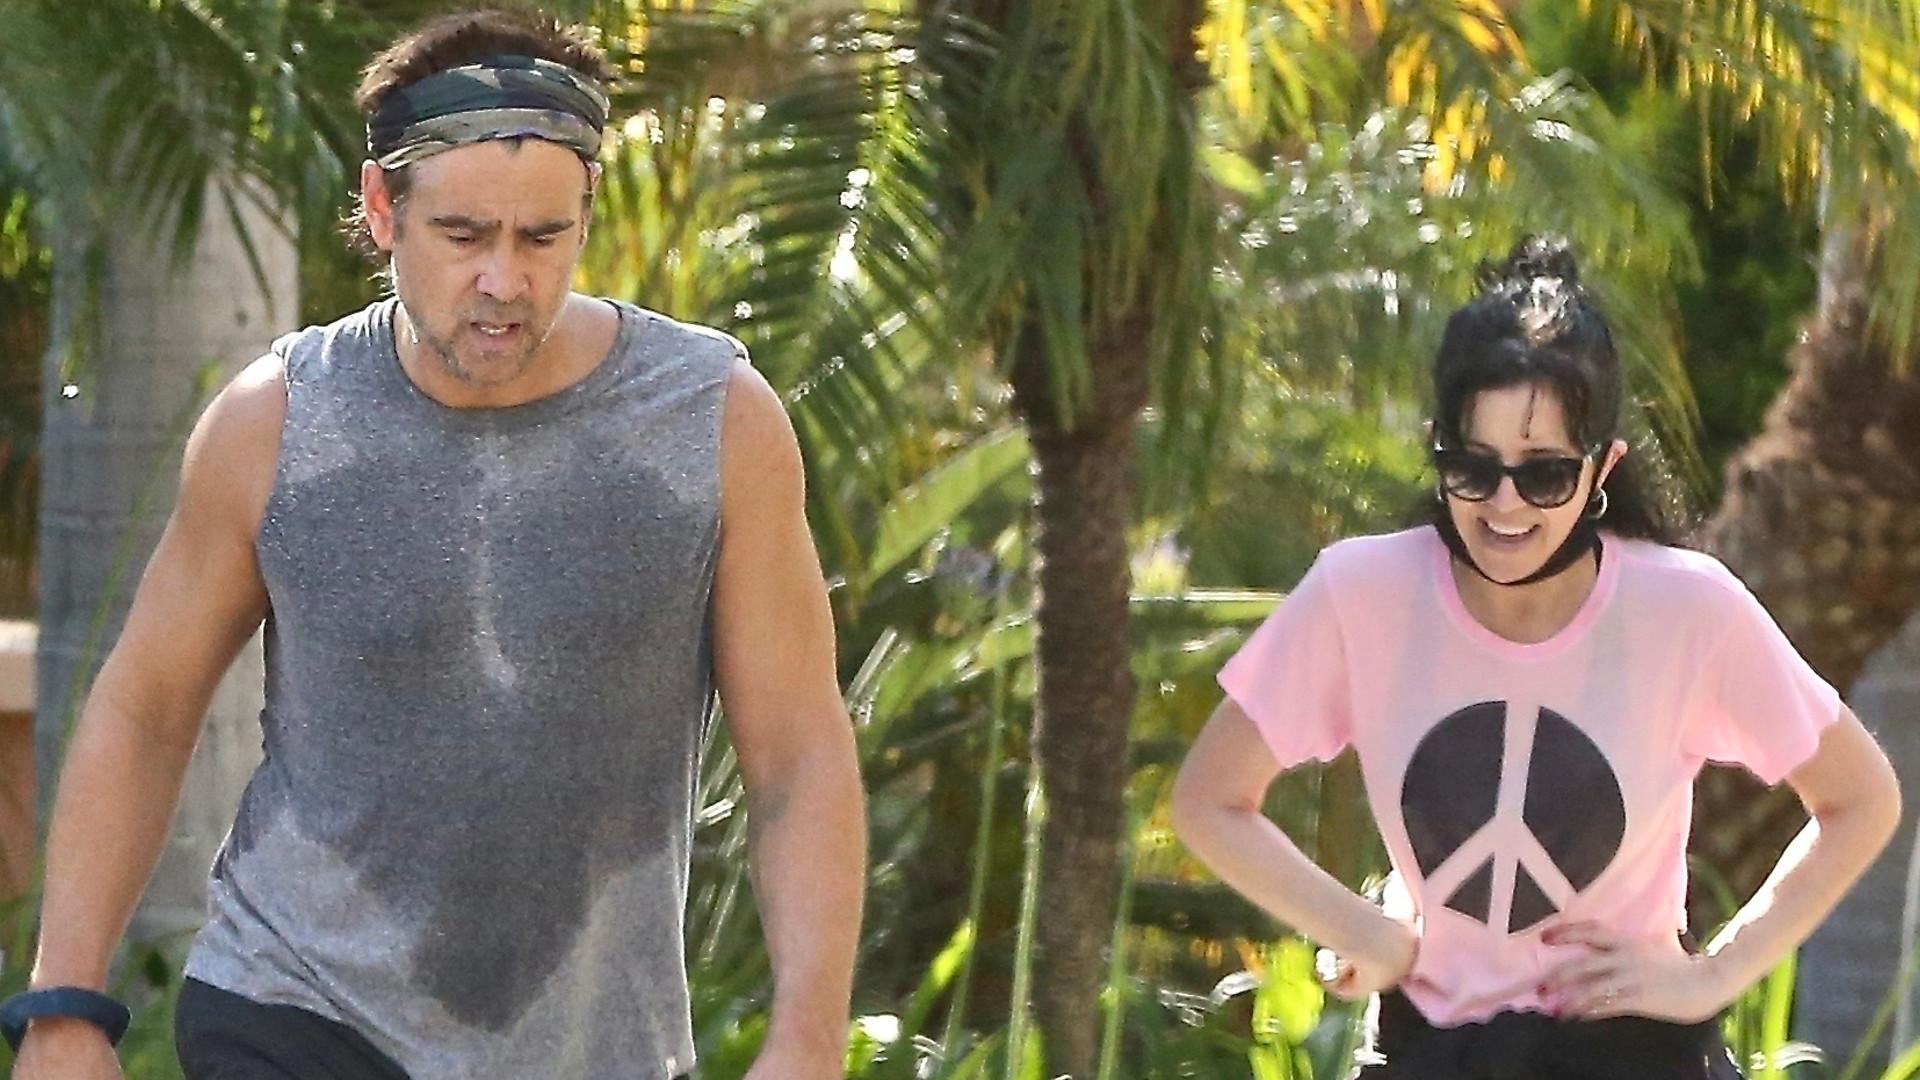 Wciąż jeszcze MACHO? Colin Farrell poci się na treningu z siostrą (ZDJĘCIA)